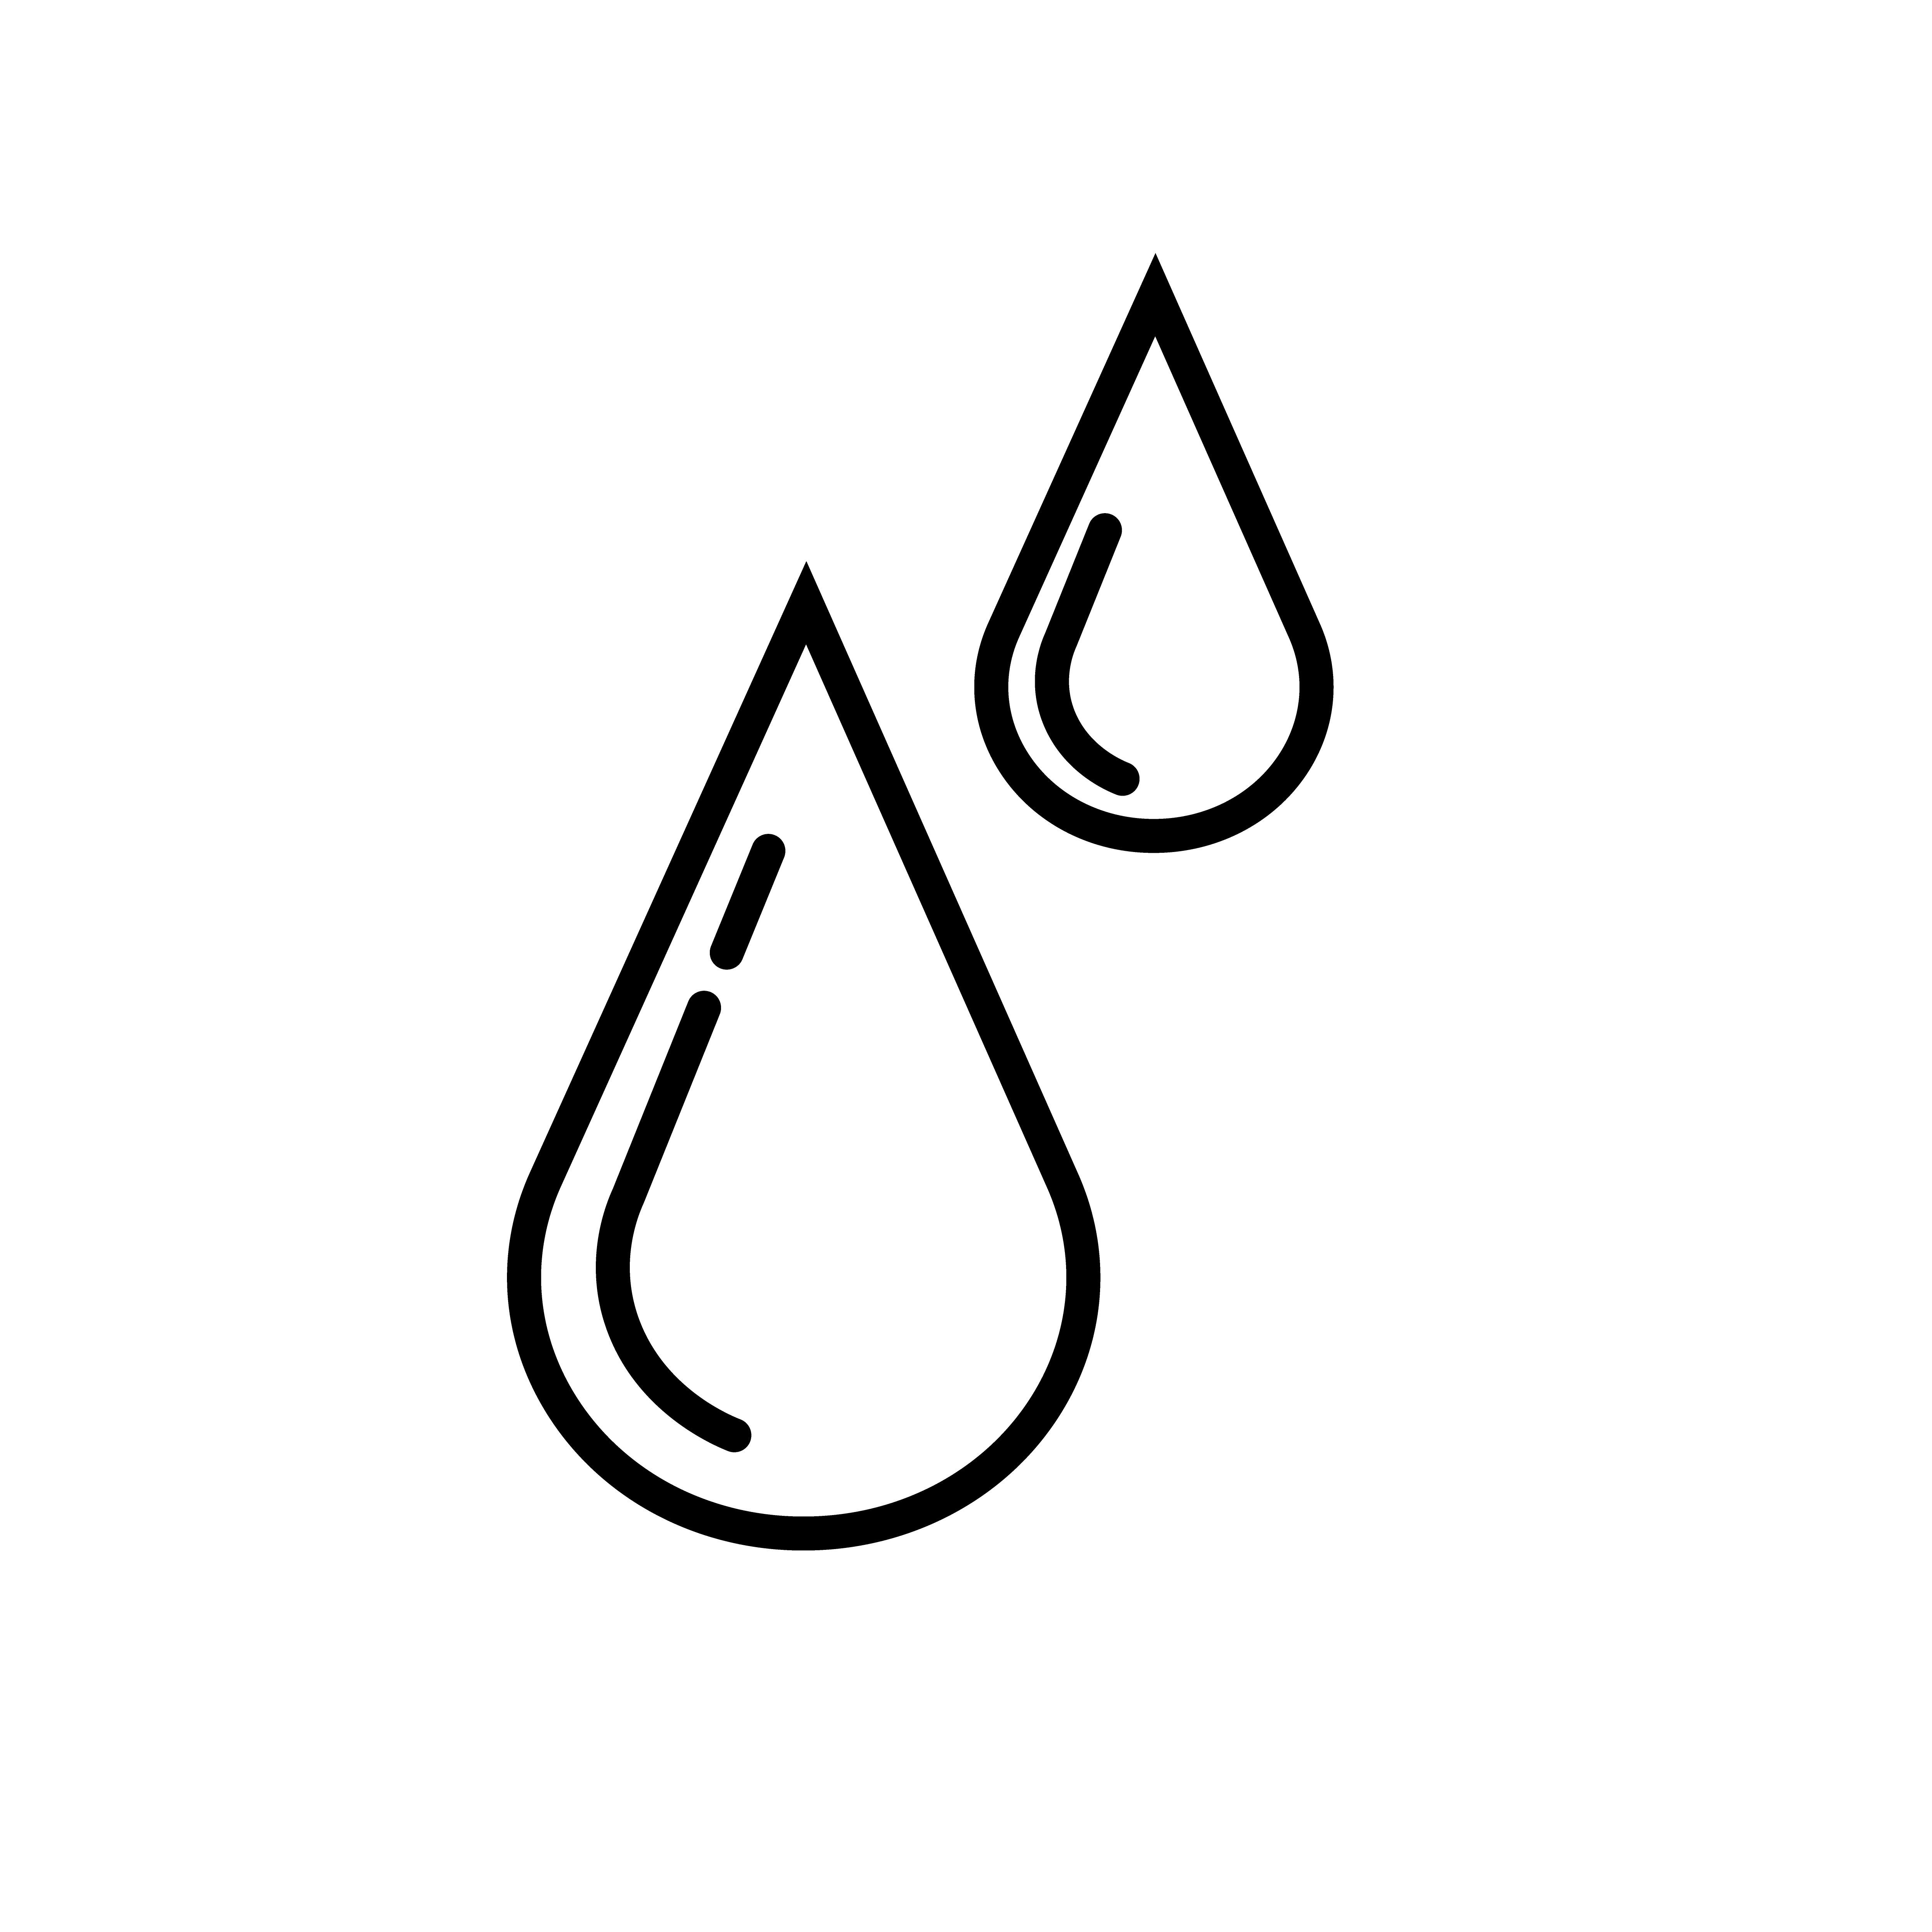 Mädchen-Tanzen Unter Regentropfen Mit Regenschirm, Kind In Regen Autumn  Clothes In Fall Seasons Enjoyingn Und Regnerischem Wetter Vektor Abbildung  - Illustration von wetter, fall: 89297839